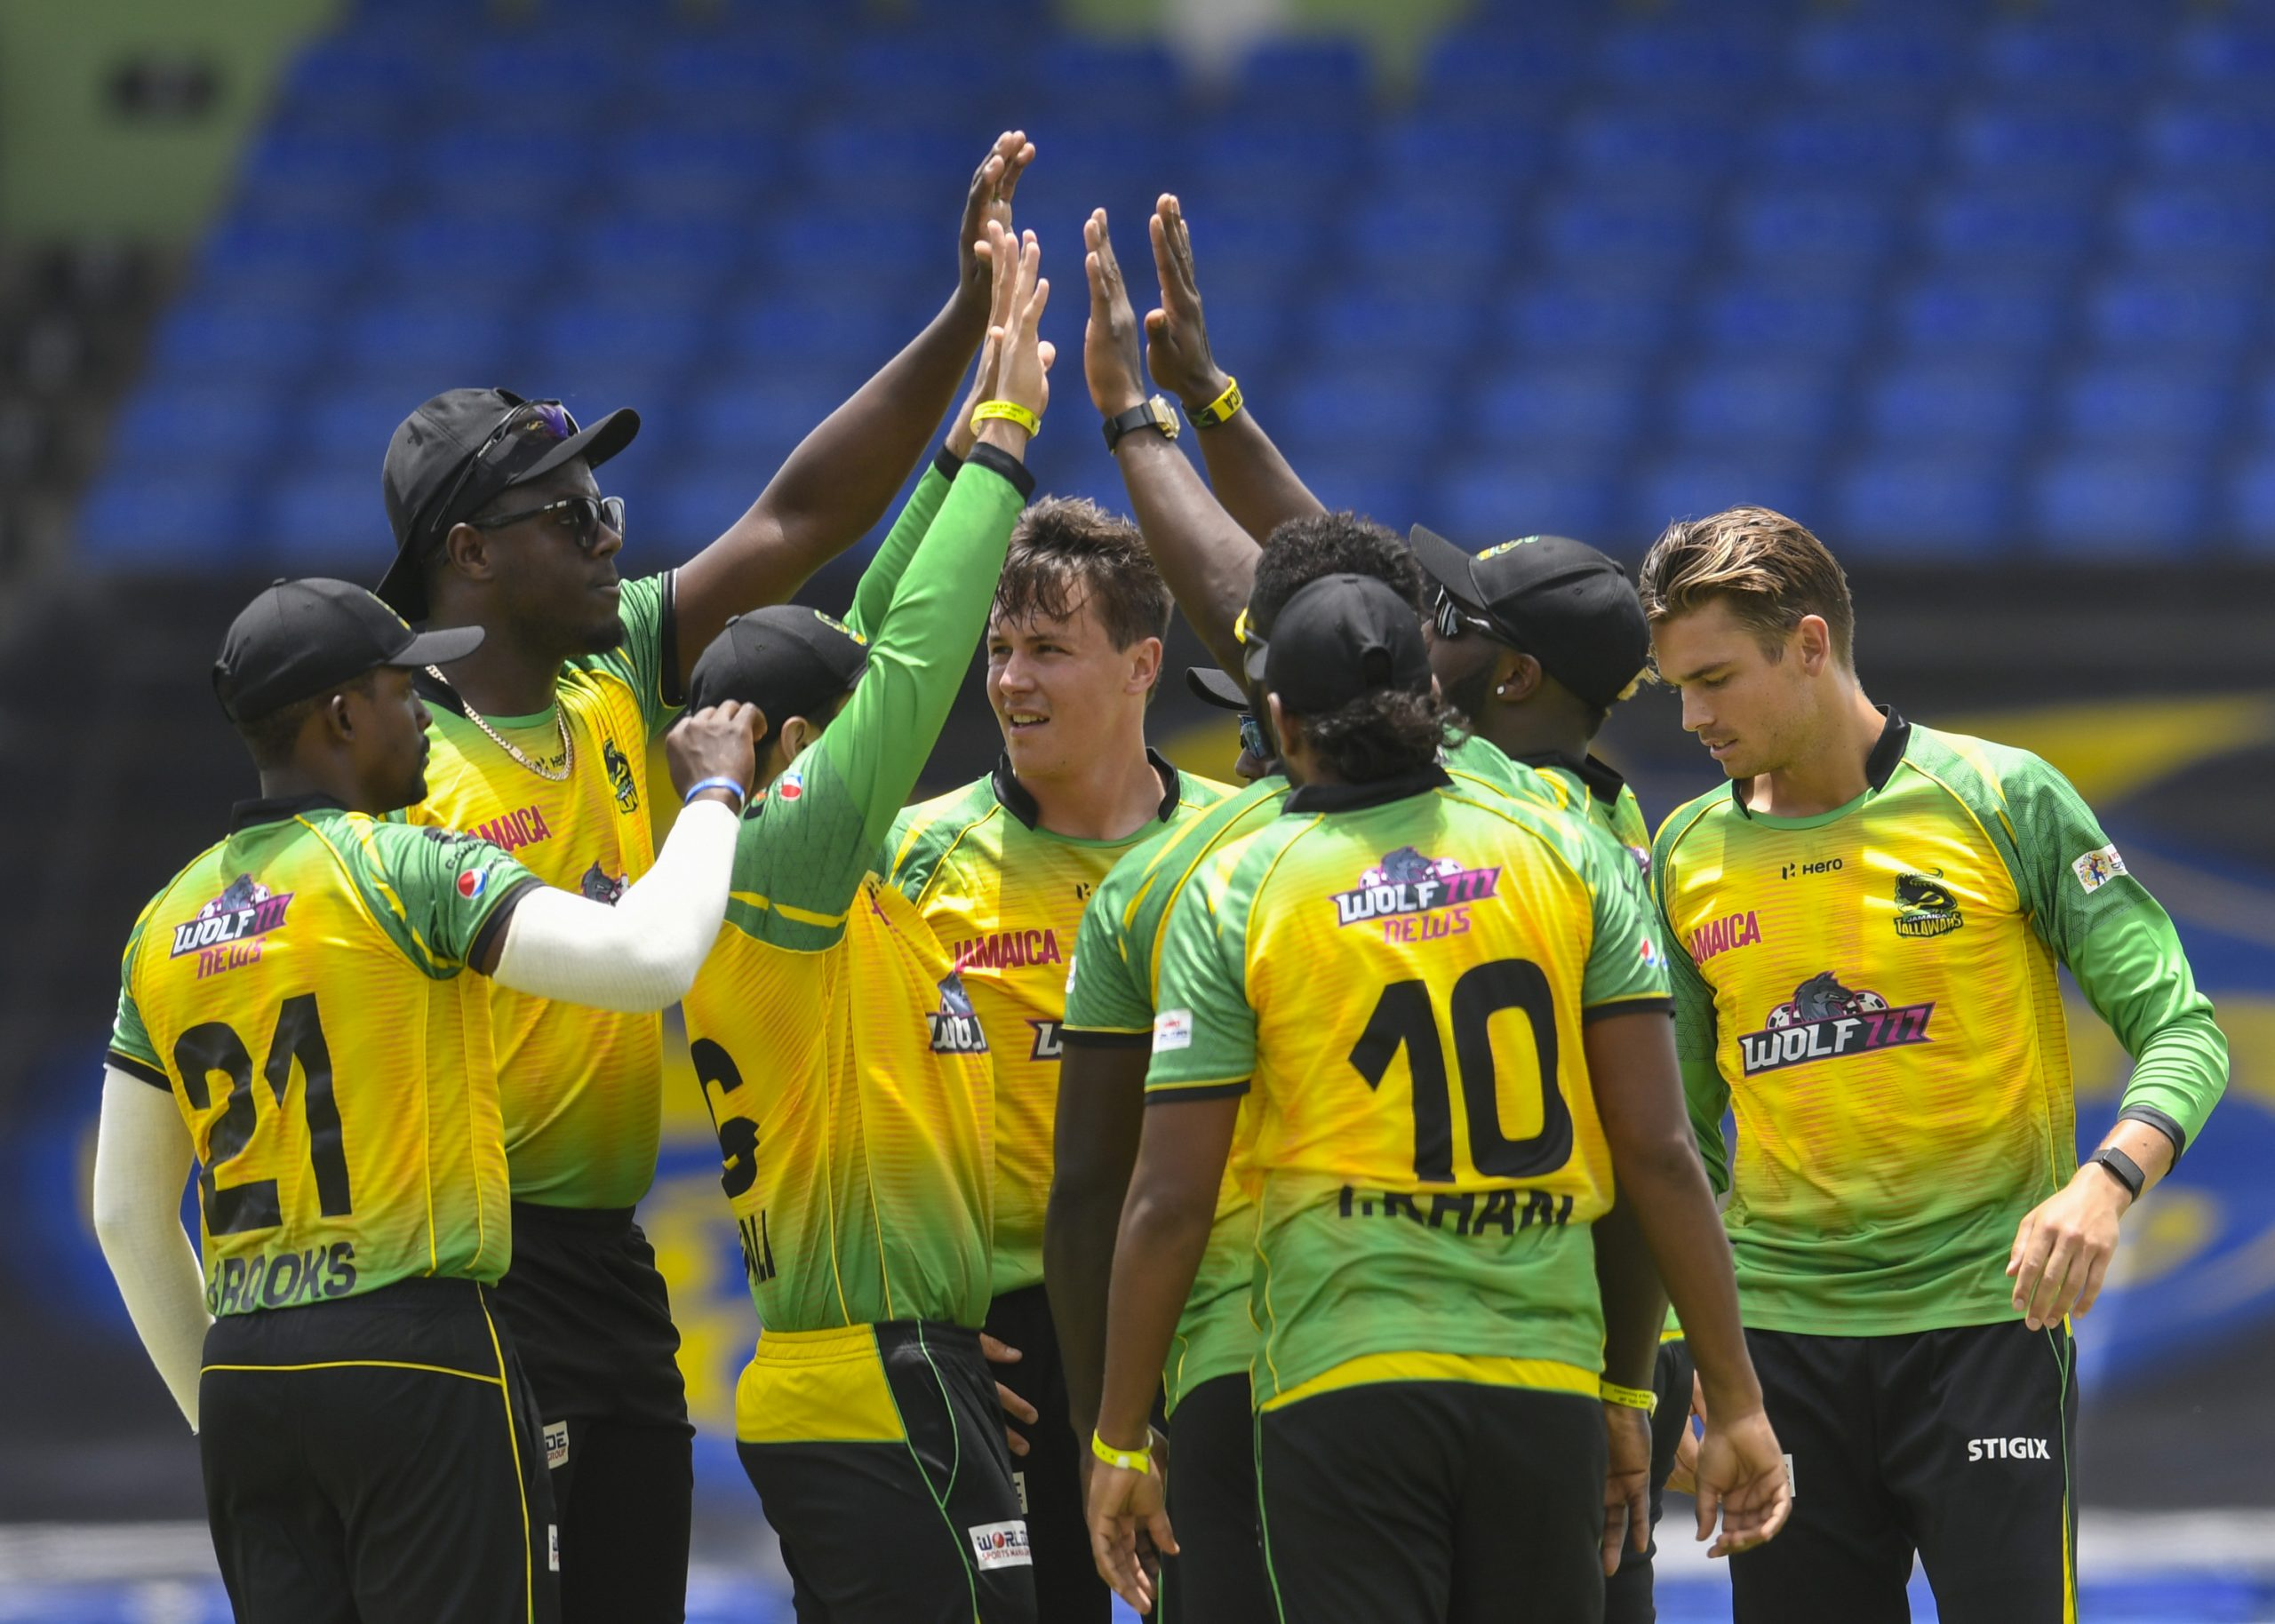 Jamaican tallawahs